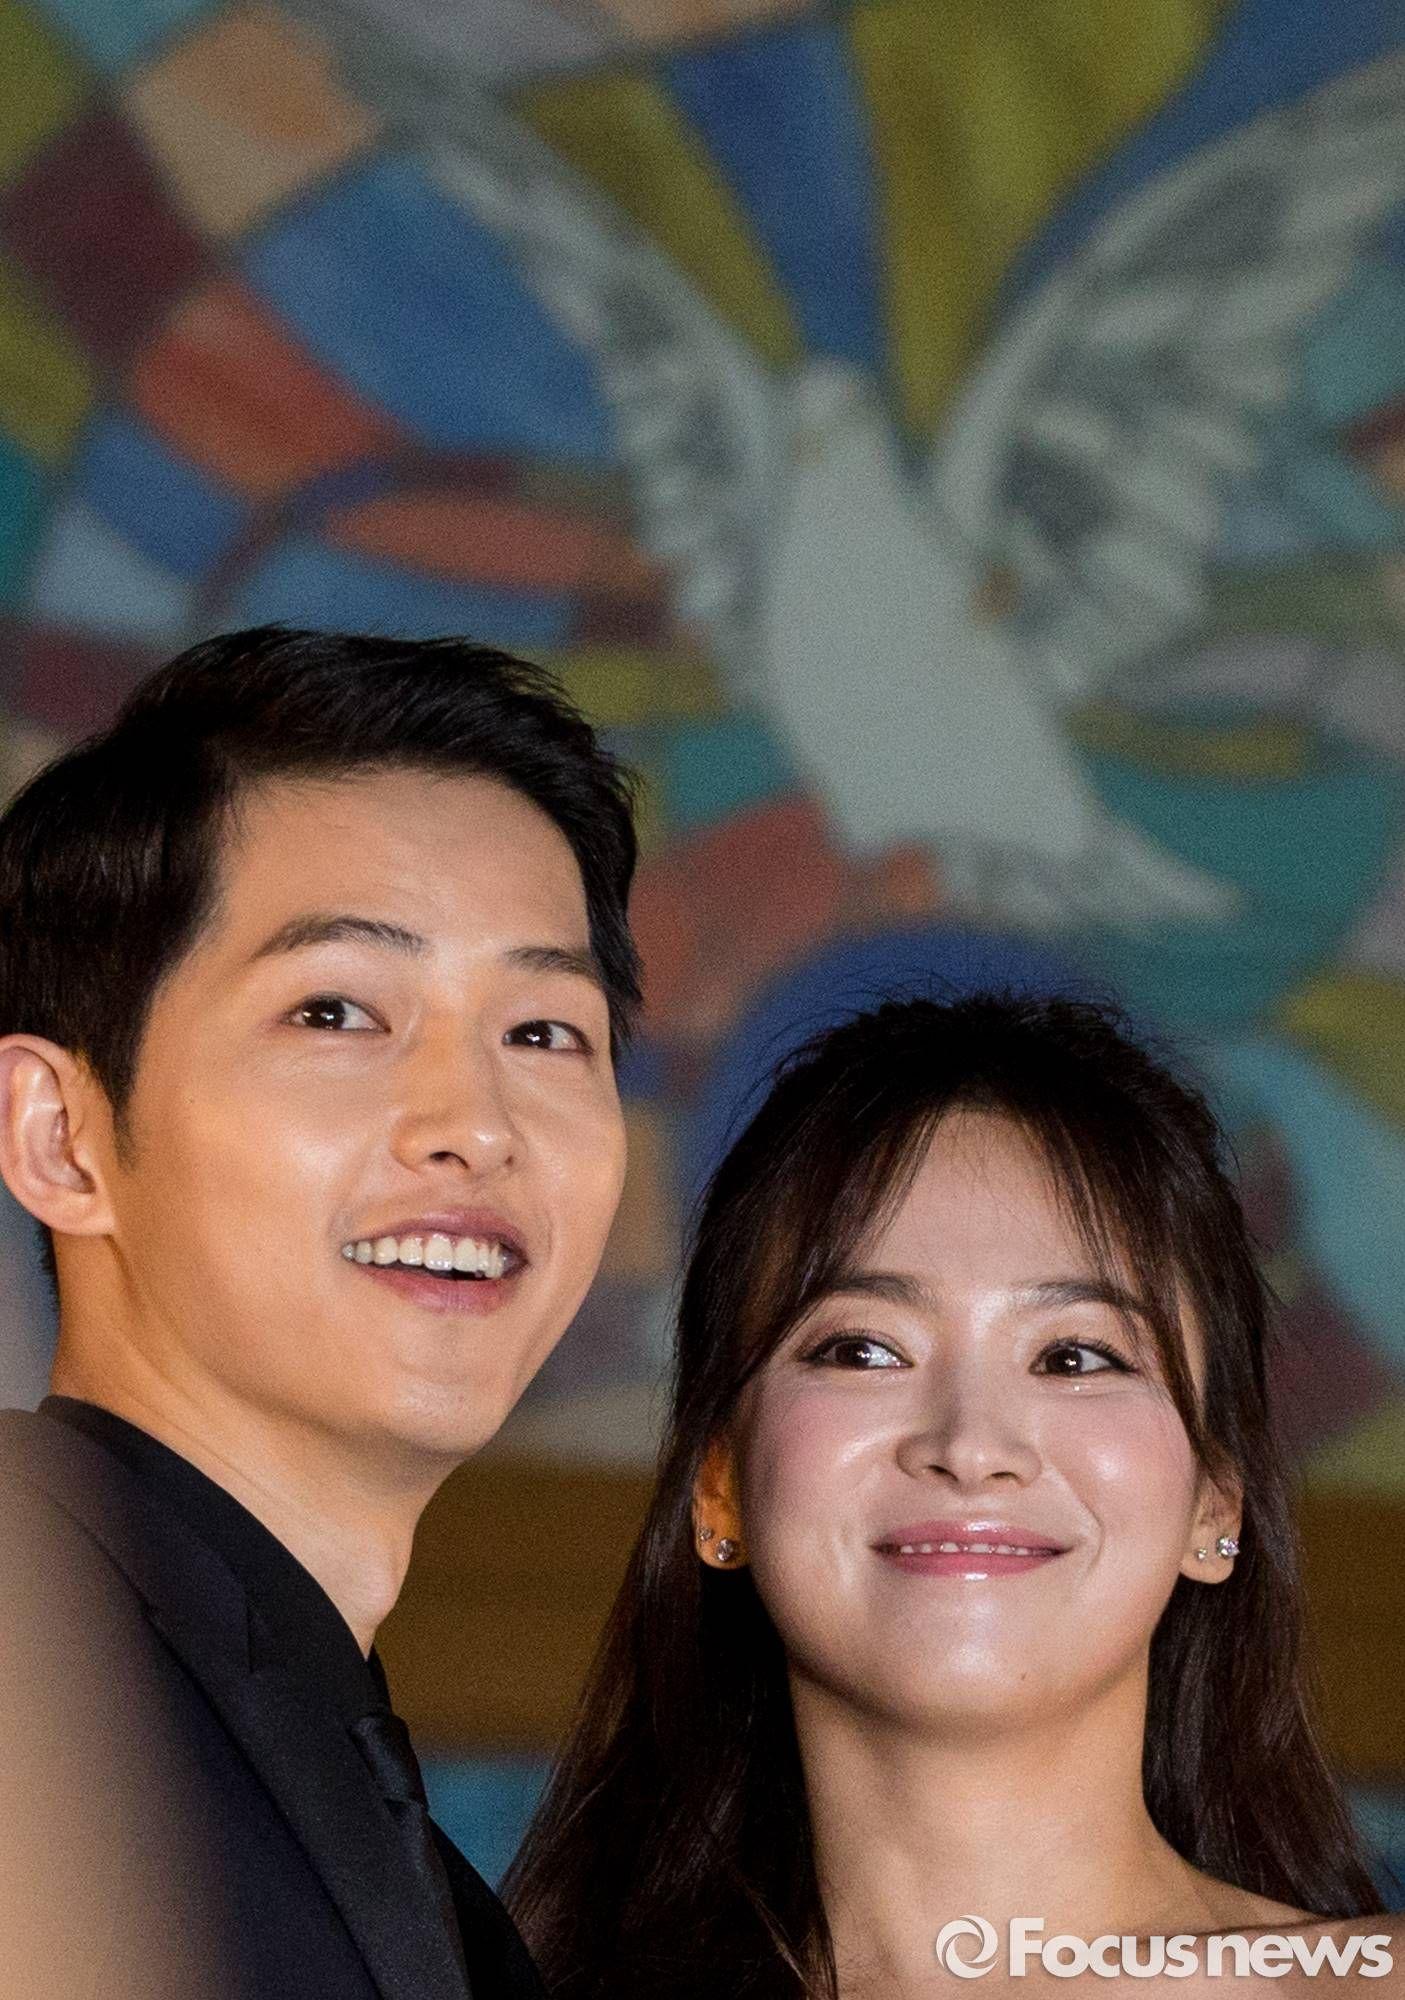 ソン・ジュンギ - ソン・ヘギョ、平和のカップル? - フォーカスニュース